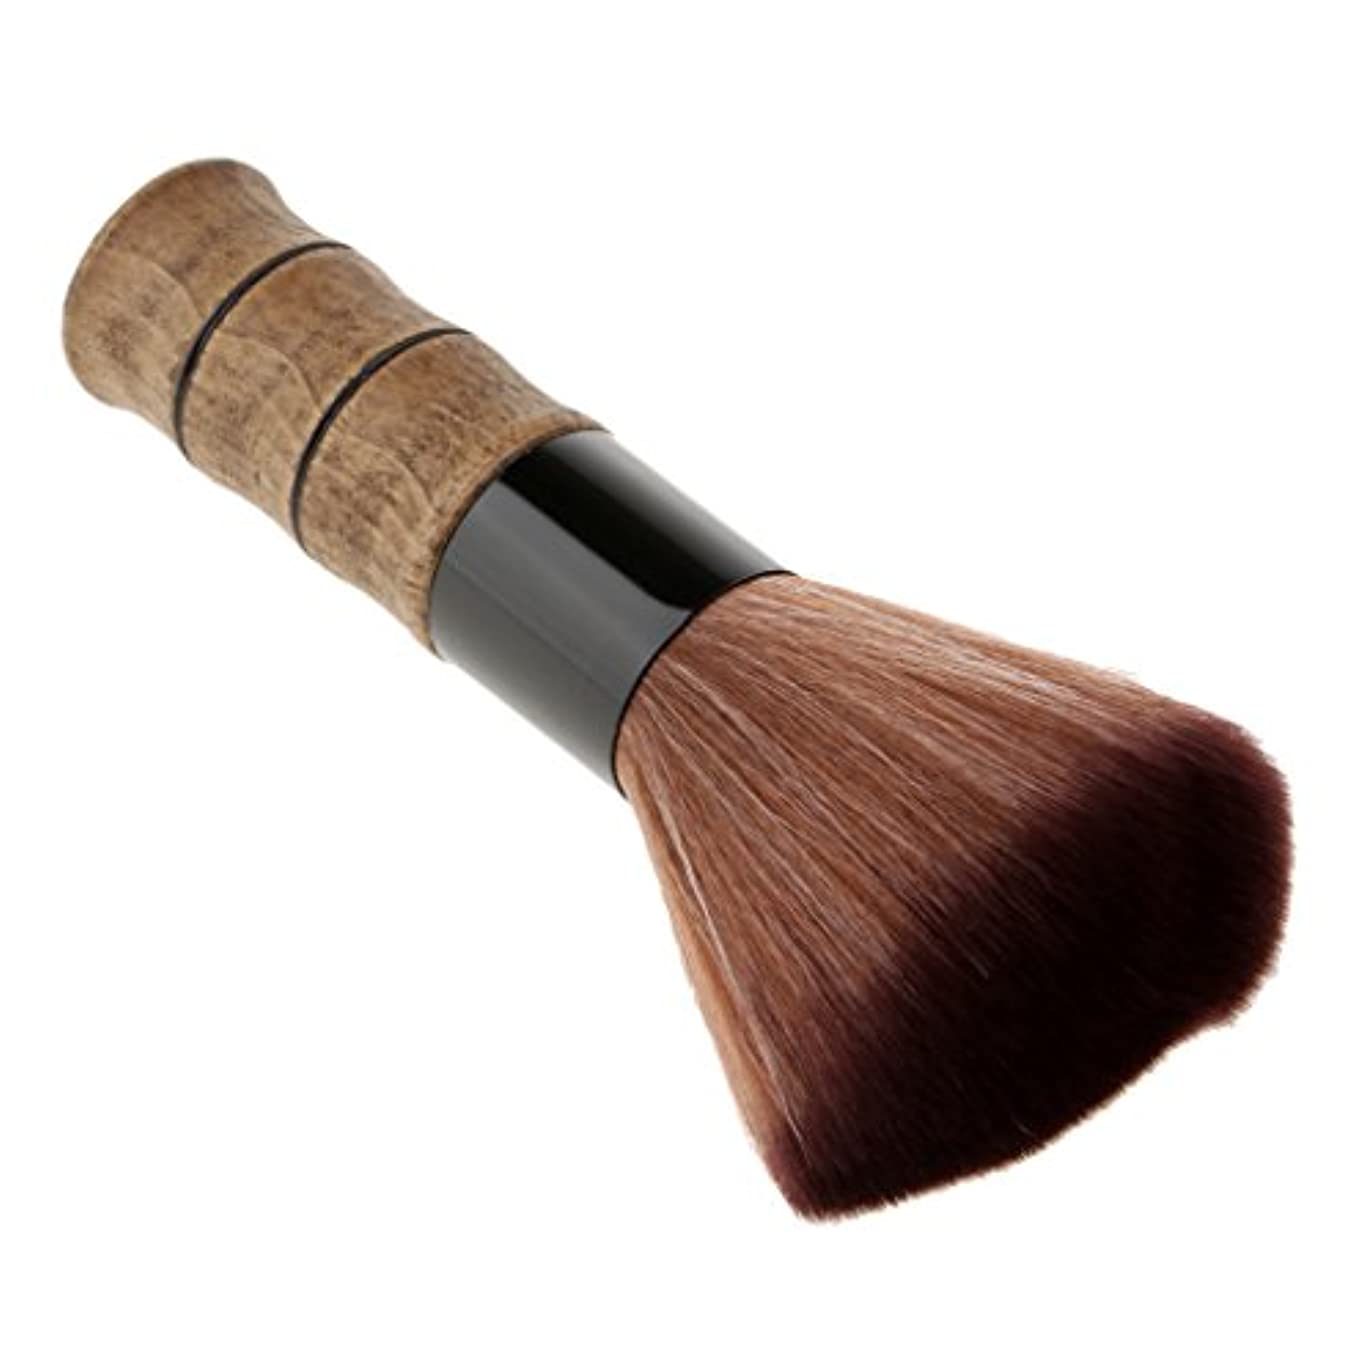 ナインへリフト底Blesiya シェービングブラシ 洗顔 化粧ブラシ メイクブラシ ソフトファイバー ブラシ スキンケア メイクアップ 高品質 2色選べる - 褐色